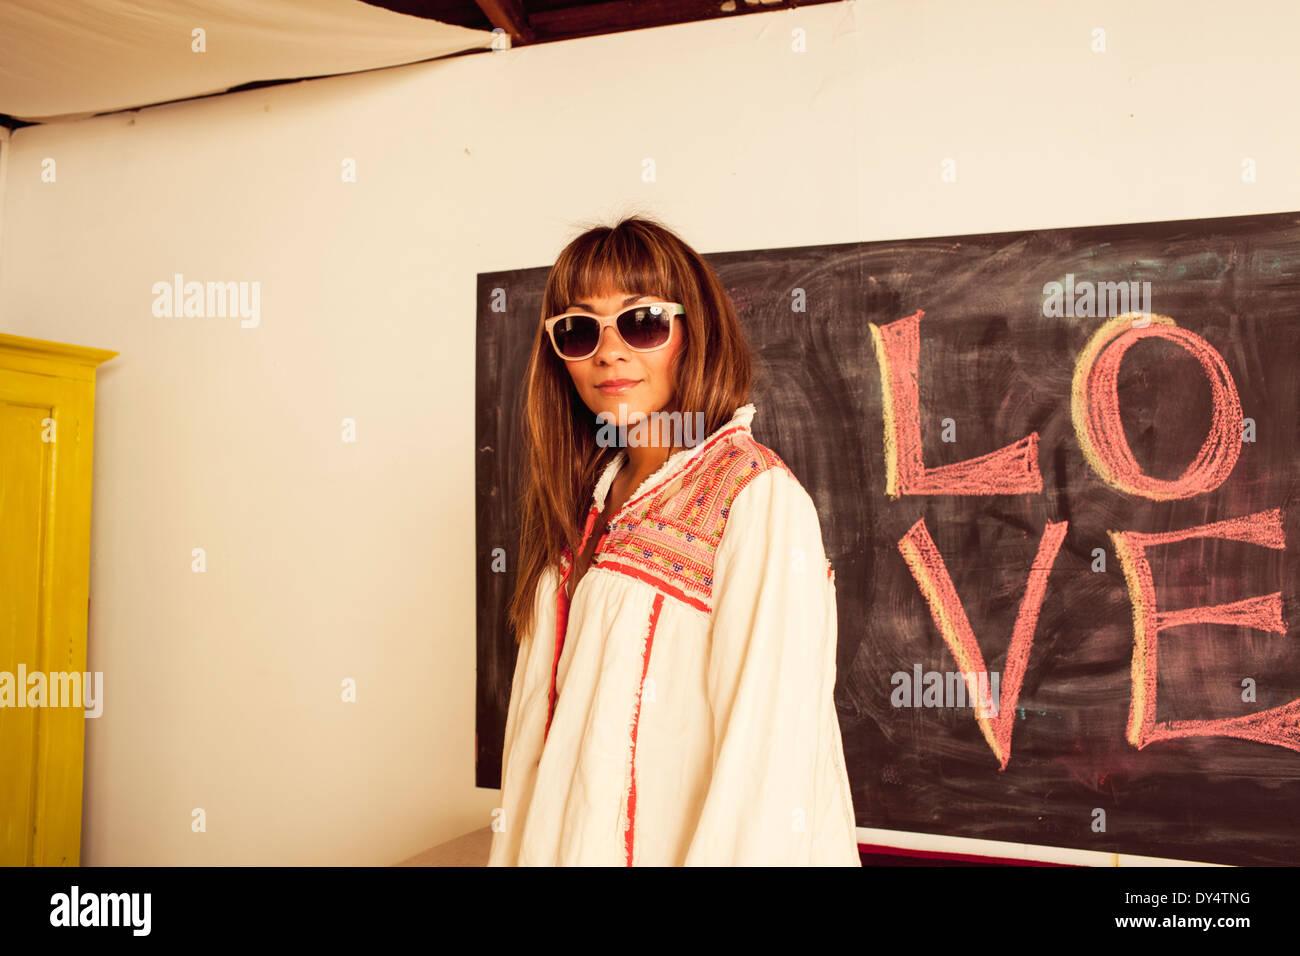 Donna che indossa gli occhiali da sole, lavagna con parola amore Immagini Stock